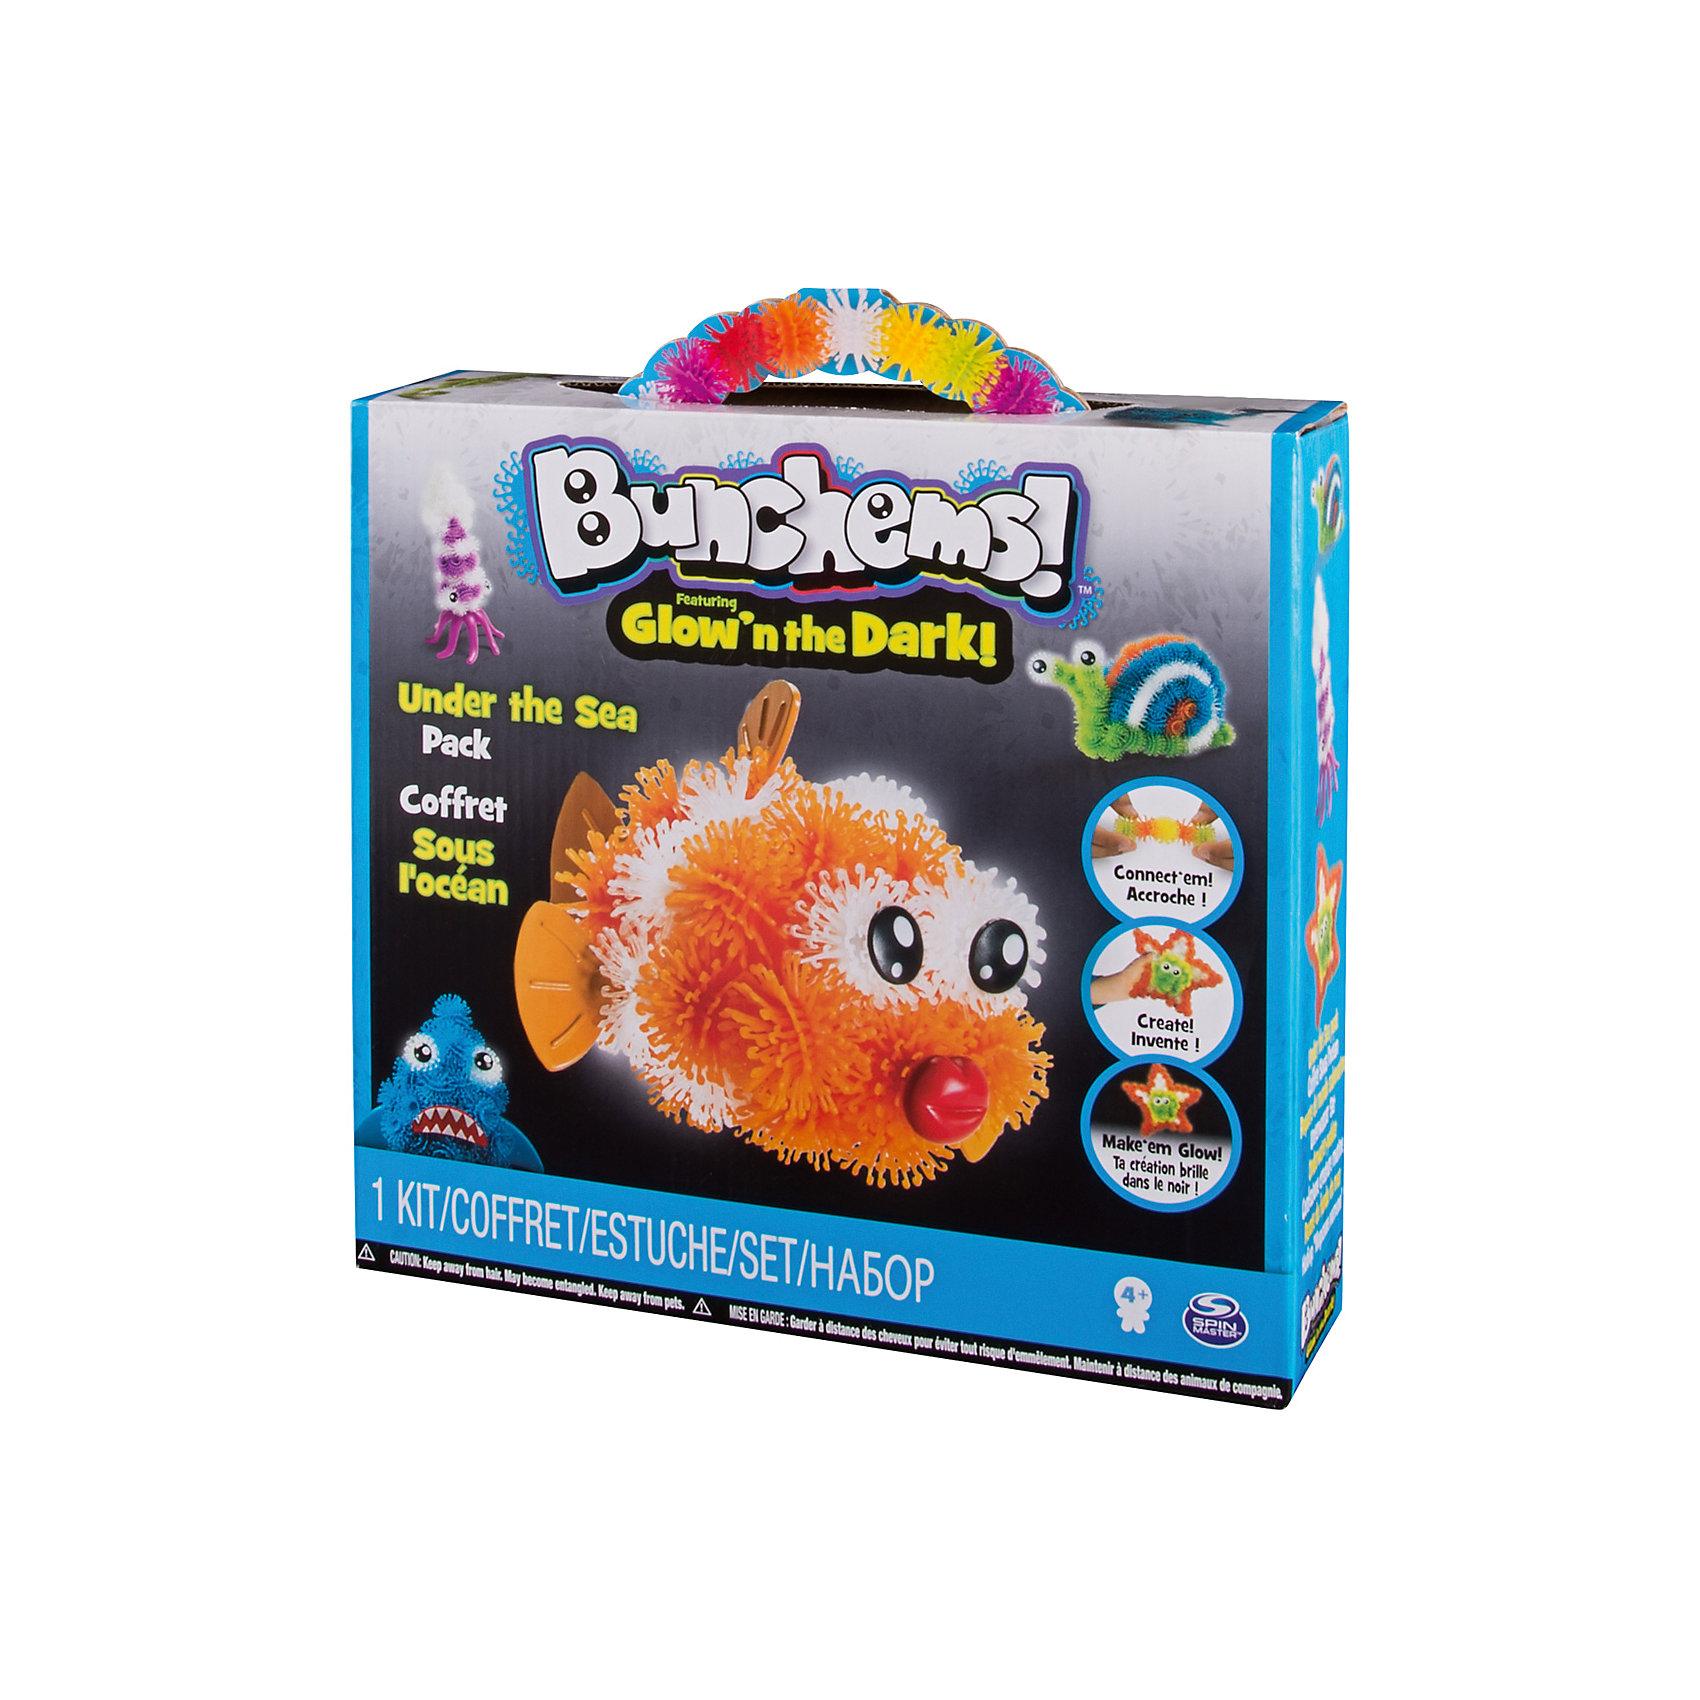 Тематический набор Рыбка (светится в темноте), BunchemsПластмассовые конструкторы<br>Тематический набор Рыбка (светится в темноте), Bunchems (Банчемс).<br><br>Характеристики:<br><br>- Возраст: от 4 лет<br>- Для мальчиков и девочек<br>- В наборе: 40 светящихся в темноте белых шариков Bunchems, 40 синих шариков Bunchems, 40 фиолетовых шариков Bunchems, 40 оранжевых шариков Bunchems, 40 зеленых шариков Bunchems, 10 аксессуаров для создания фигурок морских животных (плавники, глаза, хвосты и т.д.), подробная инструкция со схемами сборки<br>- Диаметр шарика Bunchems: 2 см.<br>- Материал: мягкий качественный нетоксичный пластик, окрашенный в яркие цвета гипоаллергенными красителями<br>- Упаковка: картонная коробка с ручкой<br>- Размер упаковки: 28х25х7 см.<br><br>С помощью набора Bunchems (Банчемс) Рыбка ваш ребенок соберет фигурки 4 подводных обитателей – кальмара, акулу, рыбку, улитку - схемы сборки, для которых представлены в инструкции. А также, применив свою фантазию и воображение, множество других фигурок. Фигурки получатся яркими и интересными, а дополнительные аксессуары сделают их более забавными. Элементы набора - шарики - с помощью мини-крючков легко соединяются между собой и также легко разъединяются, как репейник. В результате горсти таких шариков можно придавать разнообразную форму. Для лучшего сцепления необходимо как можно плотнее прижимать детали. Получившиеся модели не разваливаются, с ними можно играть дома, на улице, в ванной – где угодно! Шарики окрашены в 4 цвета: синий, фиолетовый, оранжевый , зеленый. Еще одна группа шариков – фосфорные белые, благодаря чему готовые поделки светятся в темноте. Выключите лампу и смотрите, как происходят чудеса! Элементы набора выполнены из мягкого безопасного пластика, в центре шариков находятся отверстия для аксессуаров. Набор отлично развивает фантазию и пространственное мышление ребенка. С набором не рекомендуется играть детям младше 4 лет. Перед игрой у девочек волосы следует собрать в хвост или в пучок во избеж